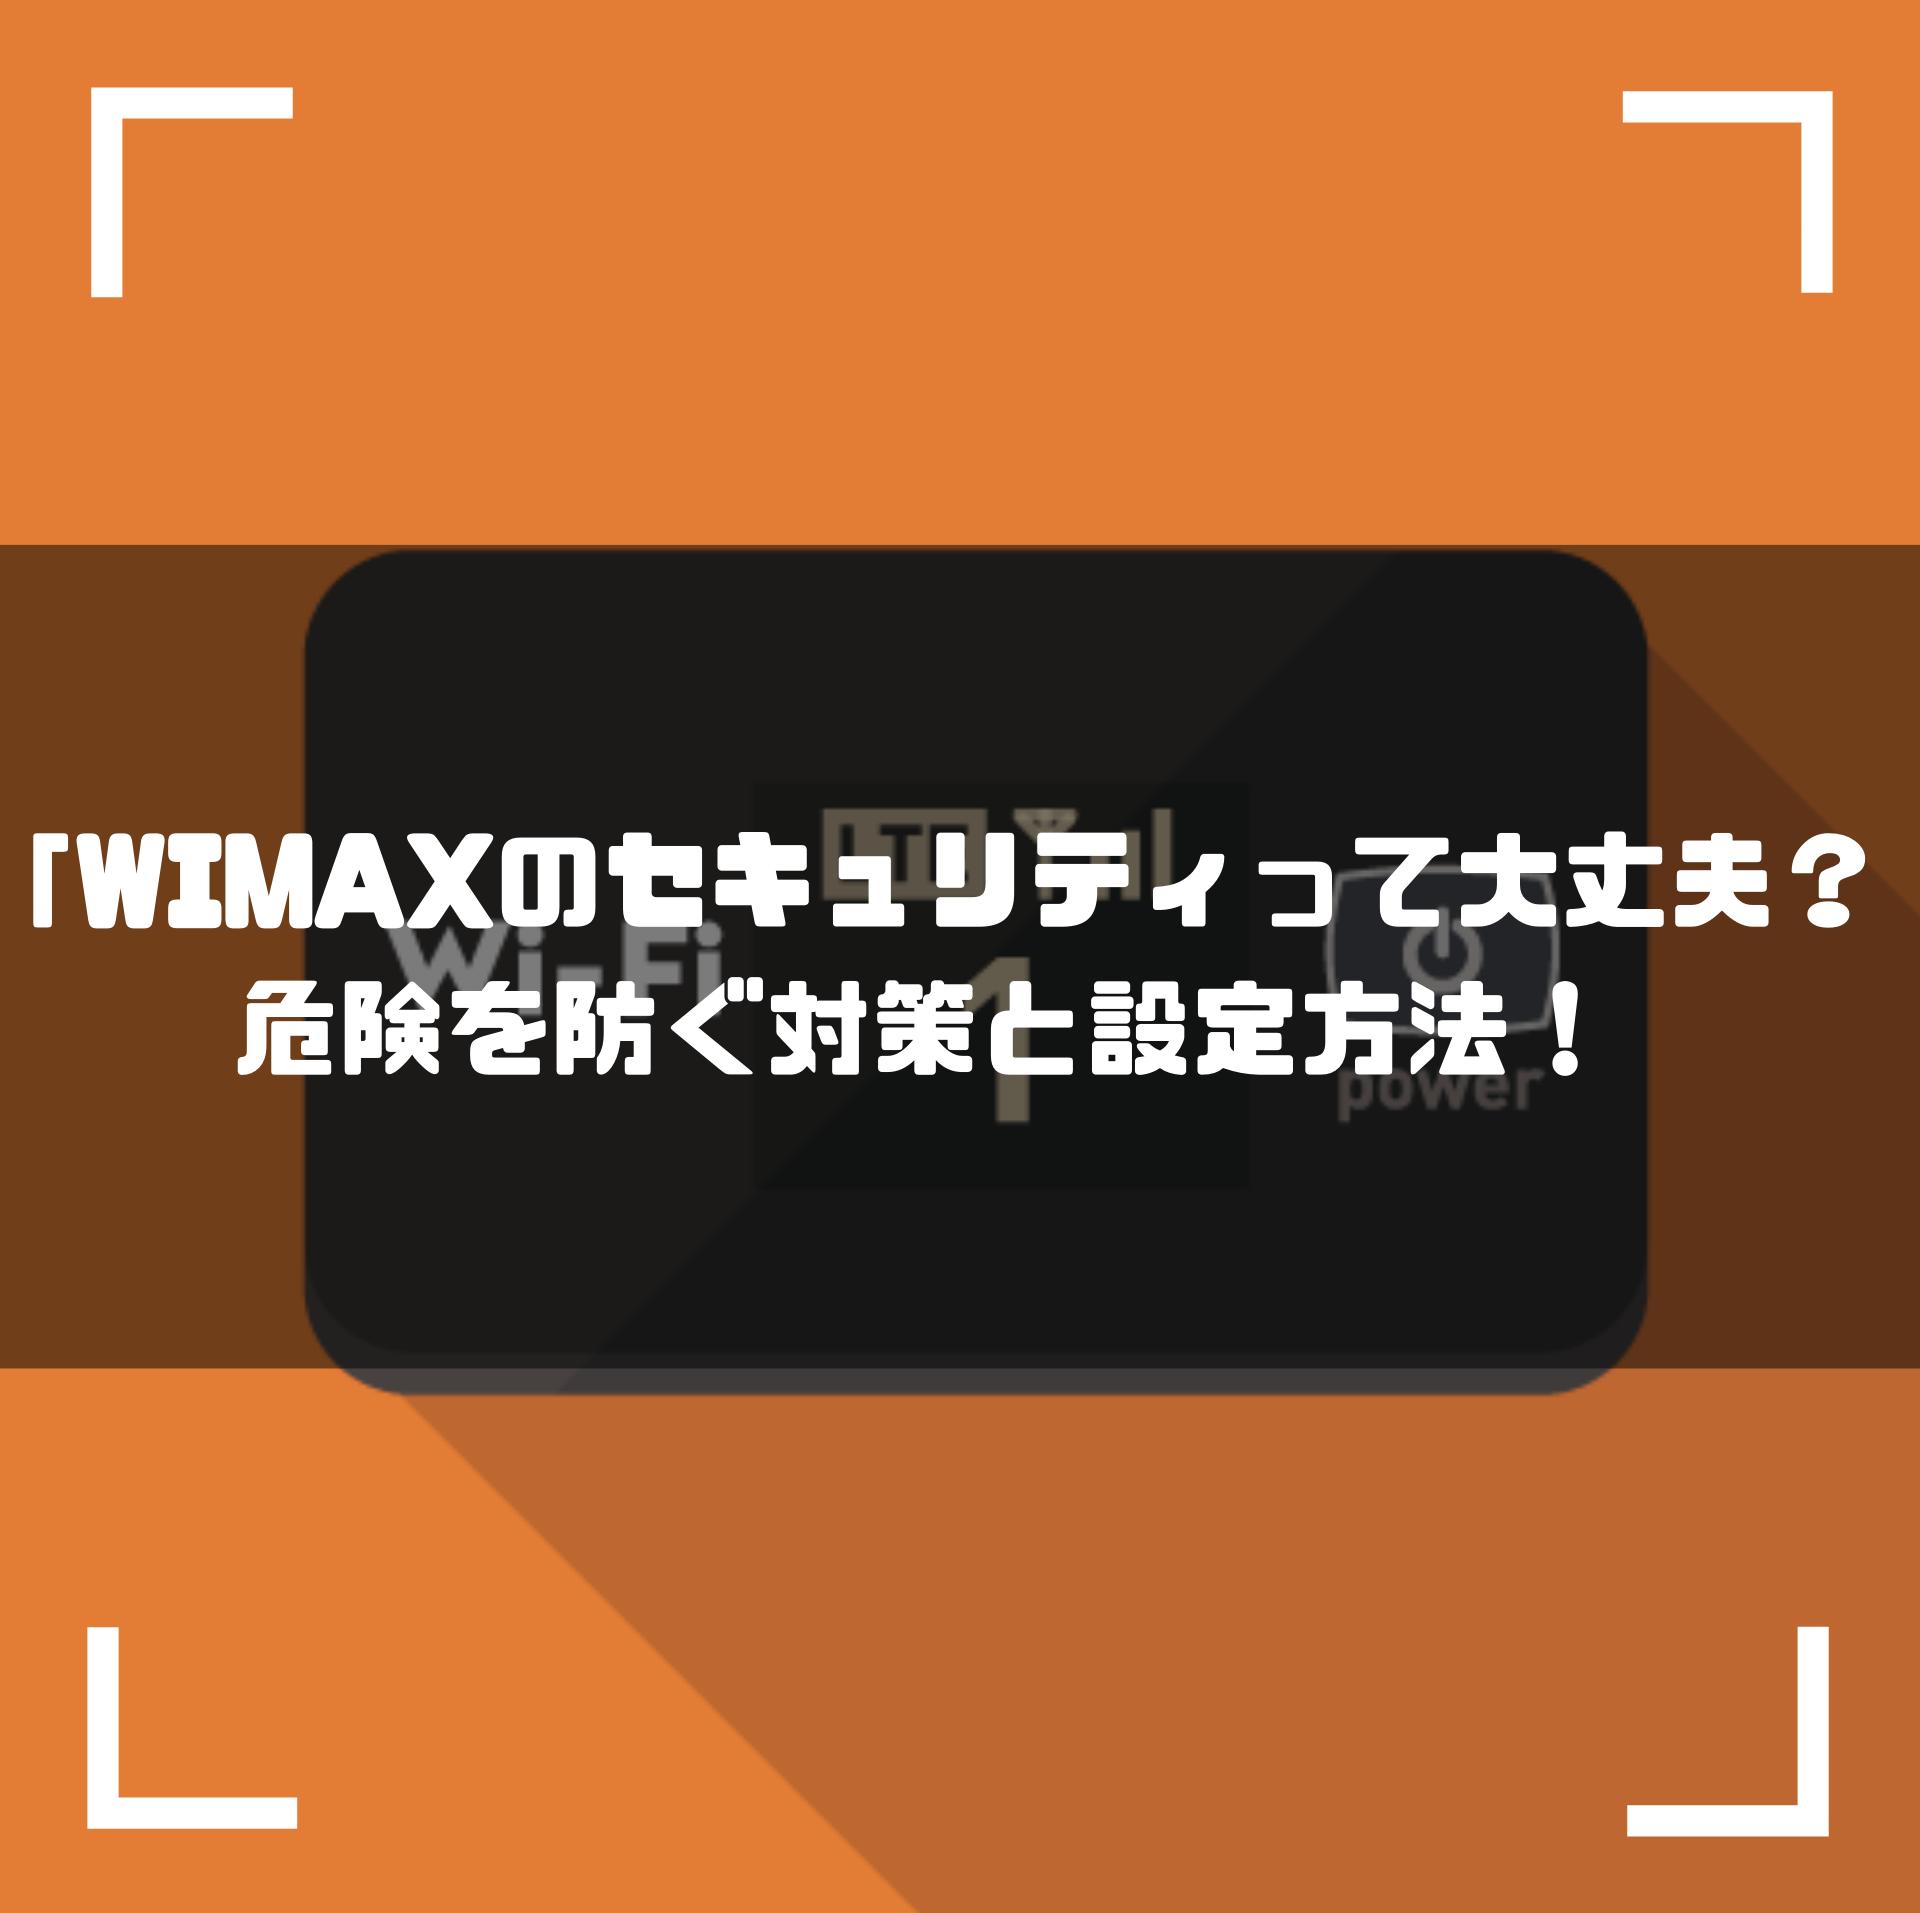 そのWiMAXのセキュリティは要注意!?危険を避ける安全なインターネット活用術